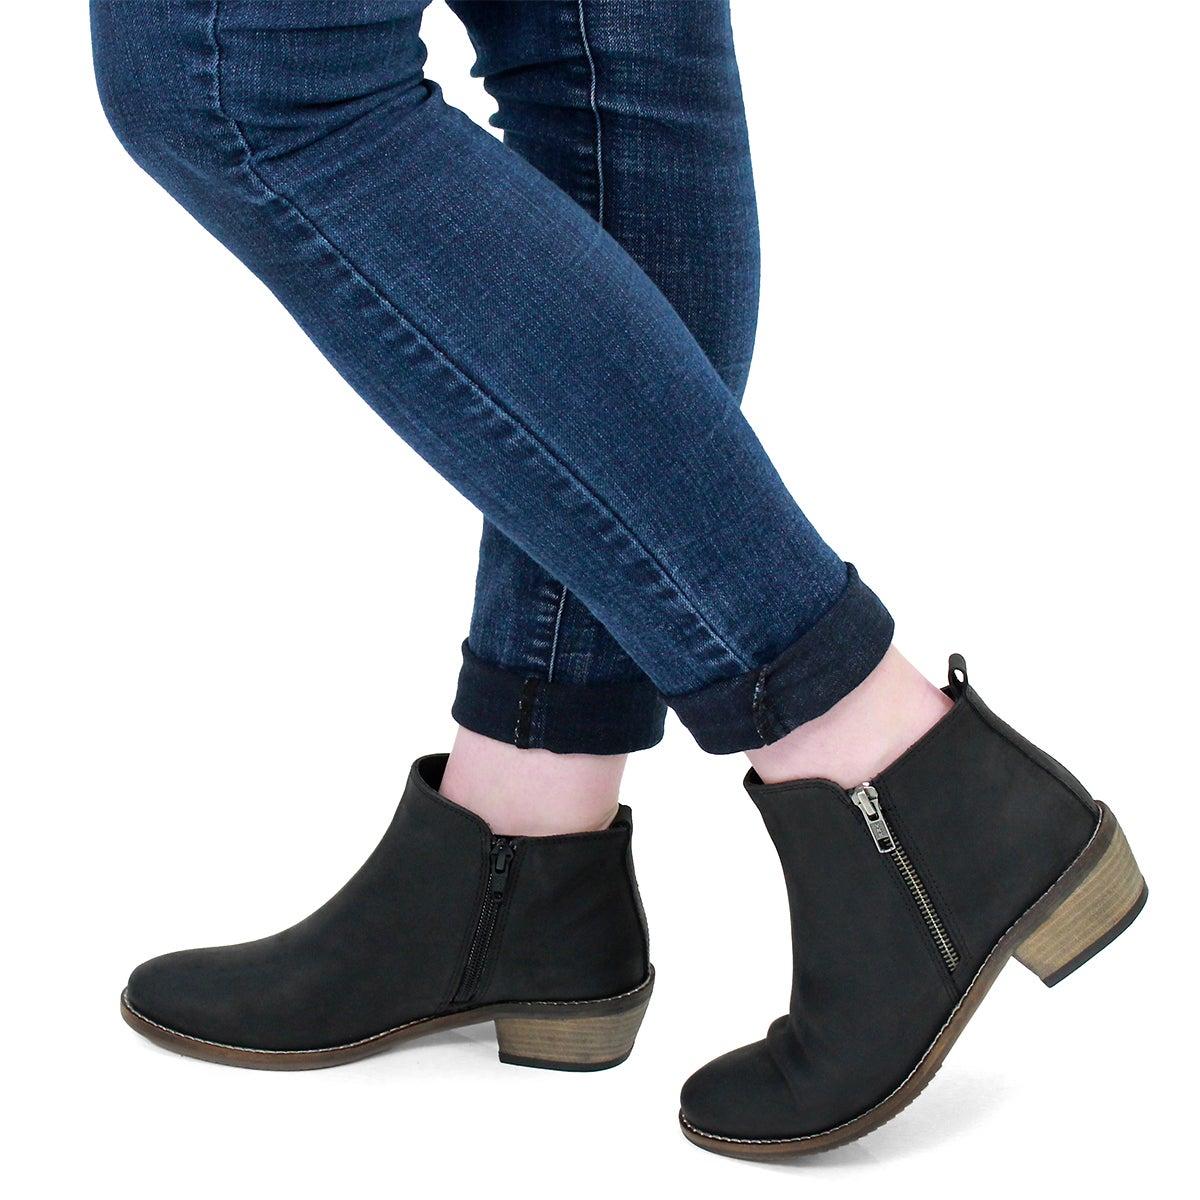 Lds Darcy black side zip bootie